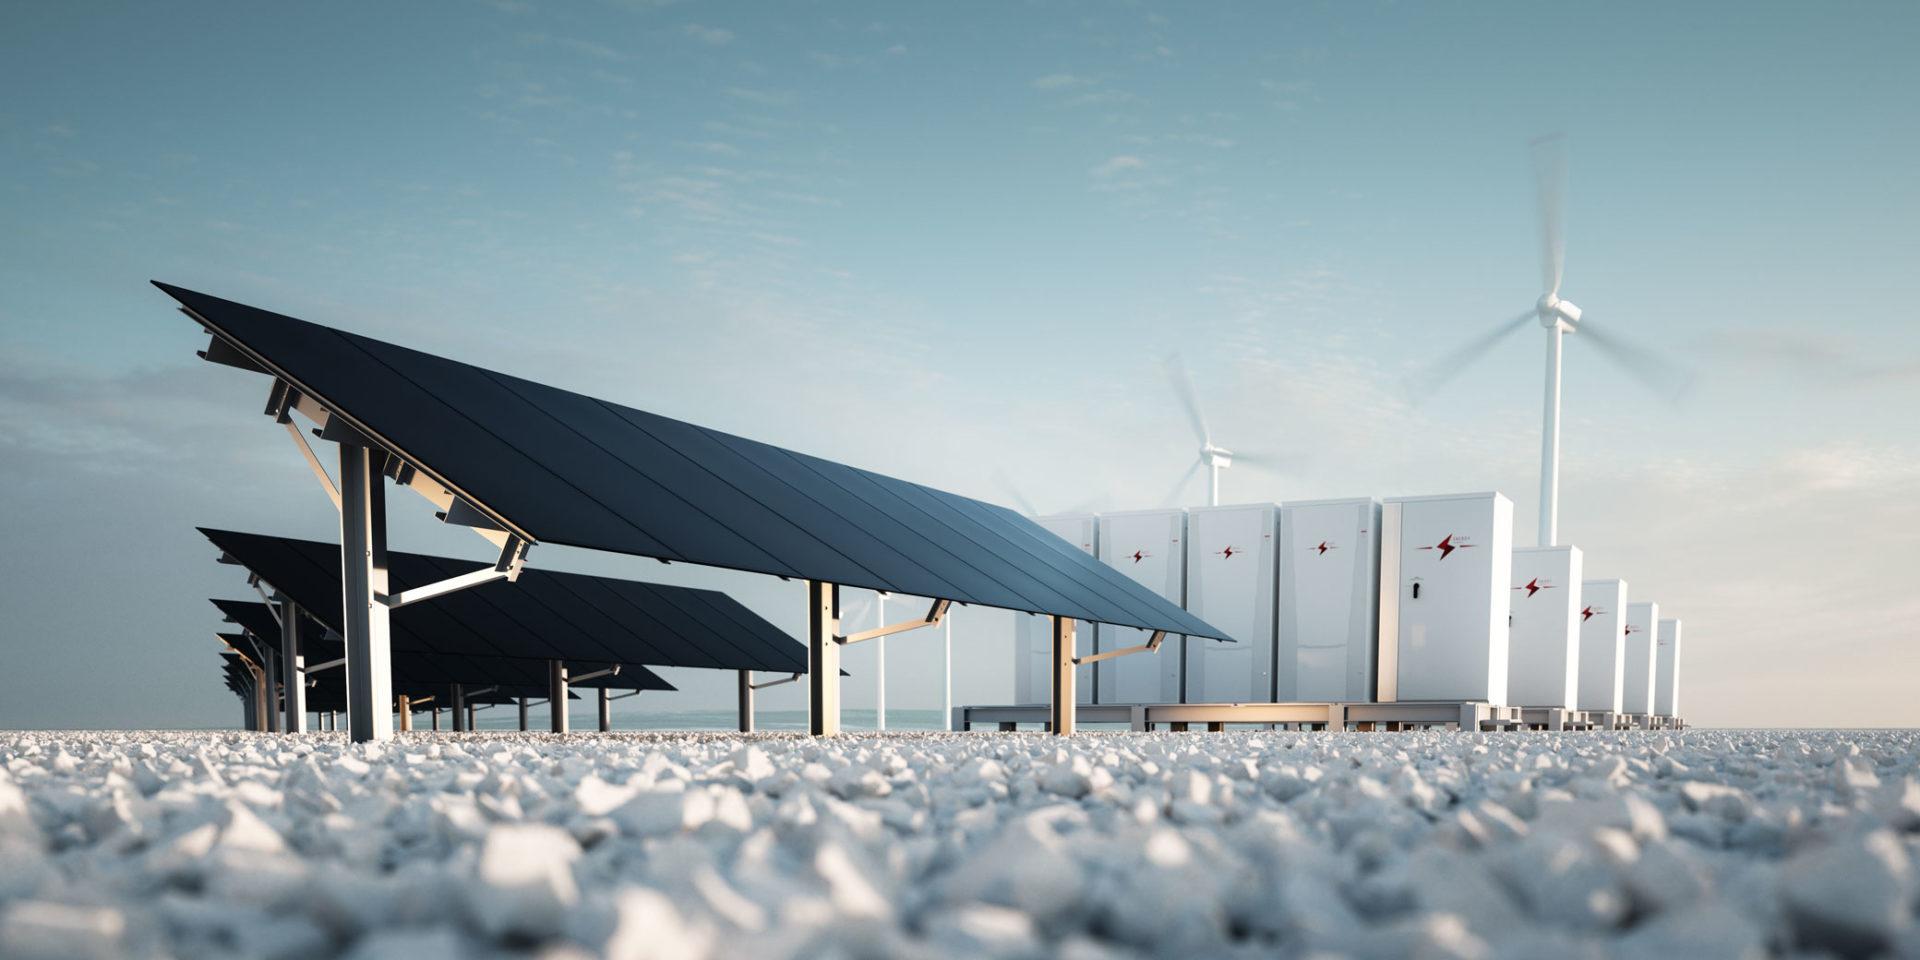 sol- og vindenergien